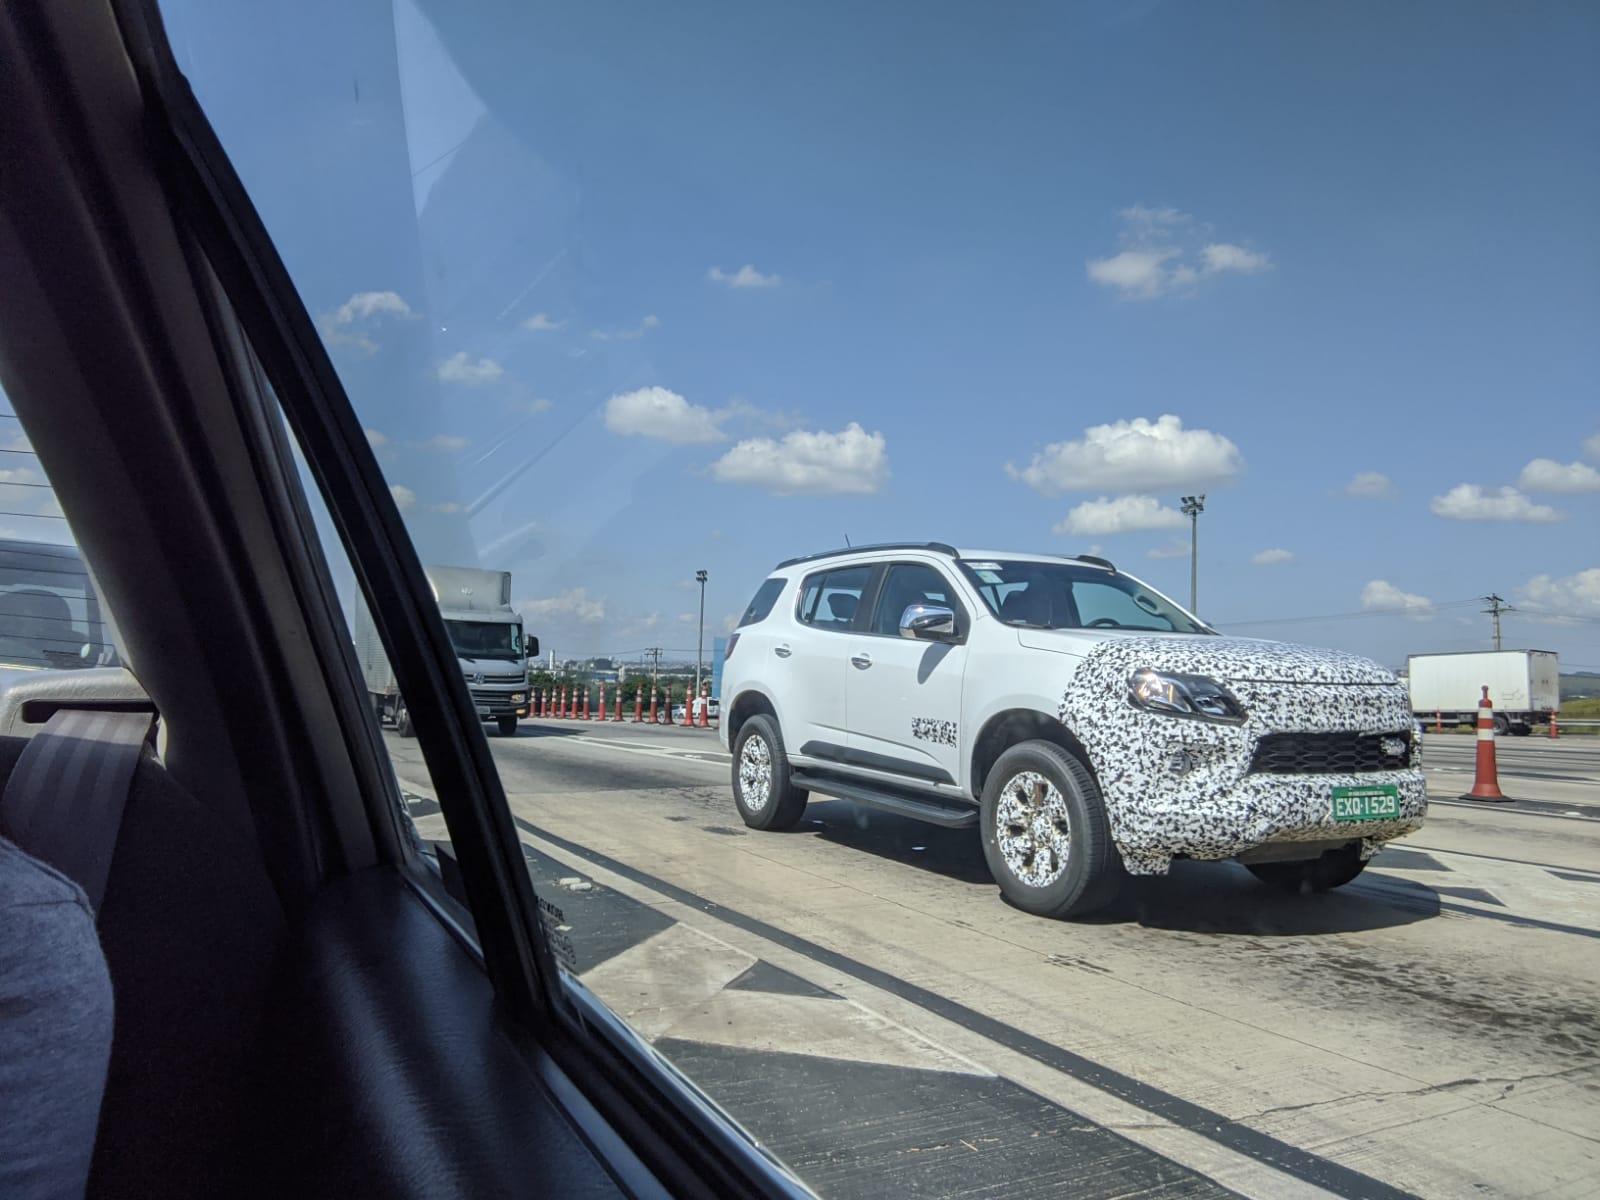 Flagra Do Chevrolet Trailblazer branco em movimento na estrada com adesivos de disfarces na grade e para-choque